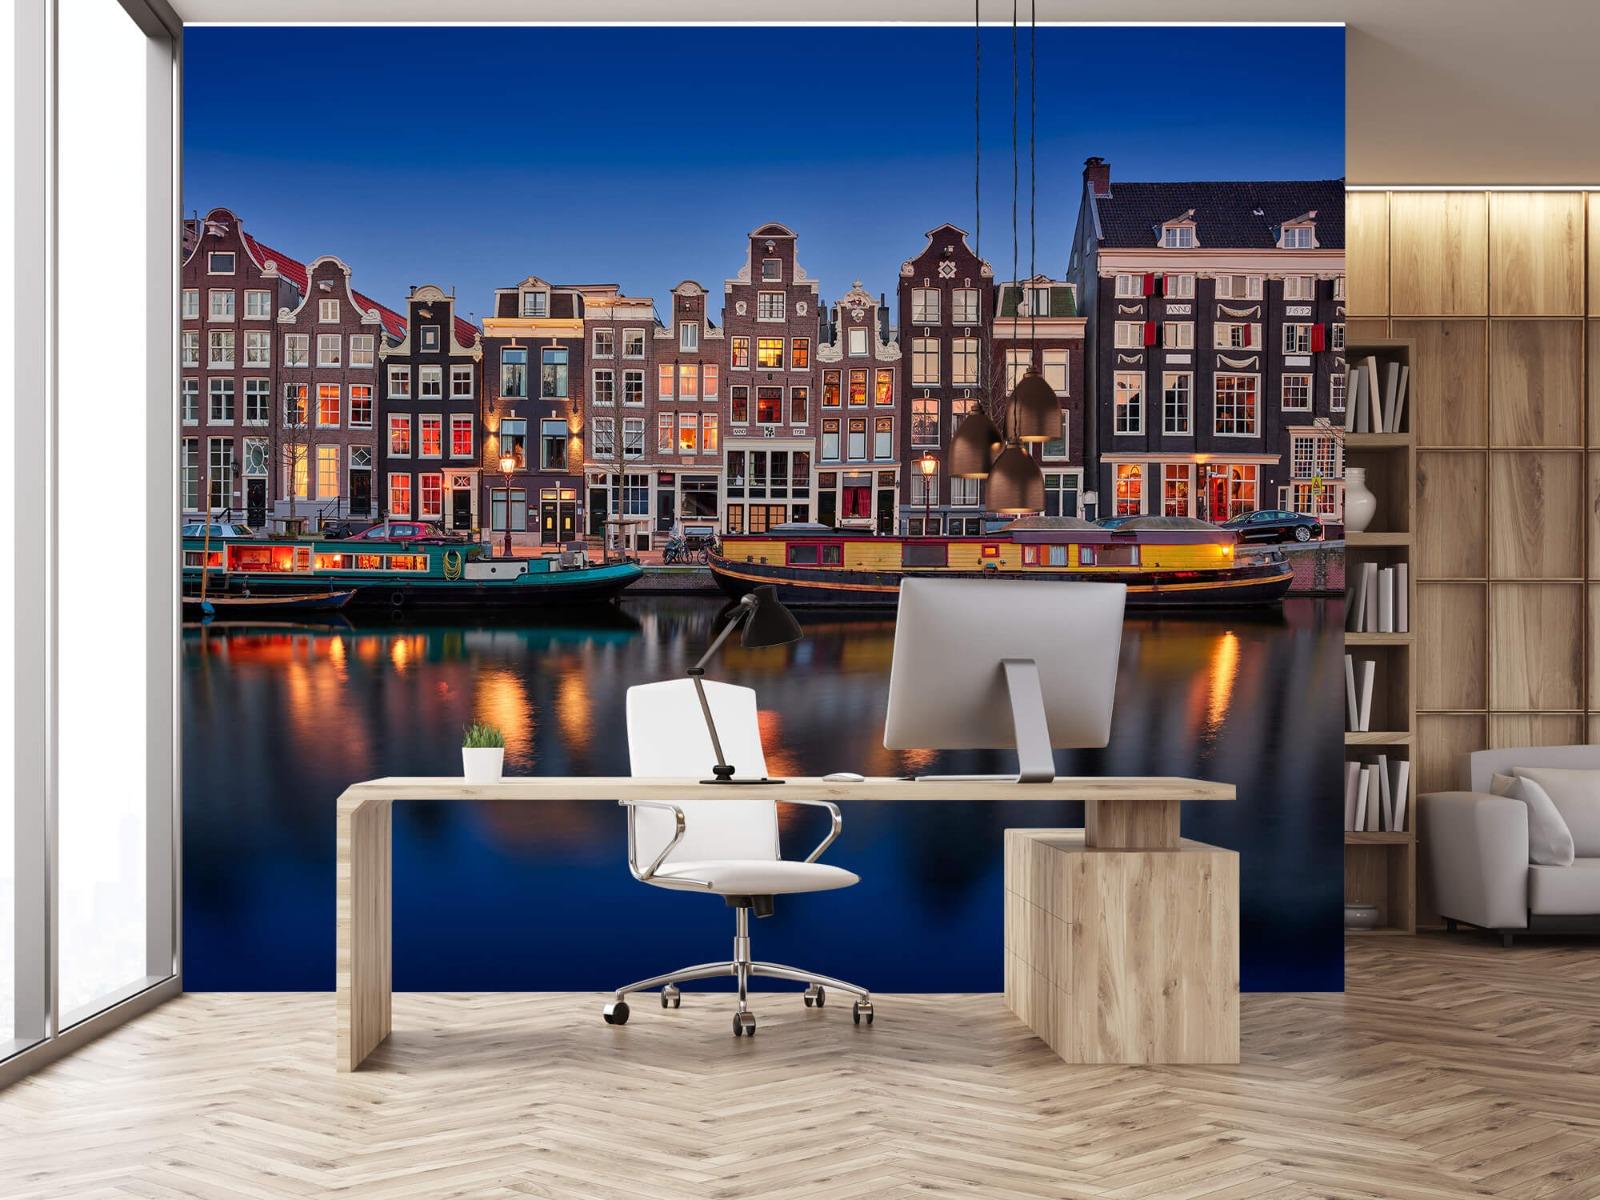 Architectuur - Grachtenpanden Amsterdam - Tienerkamer 24